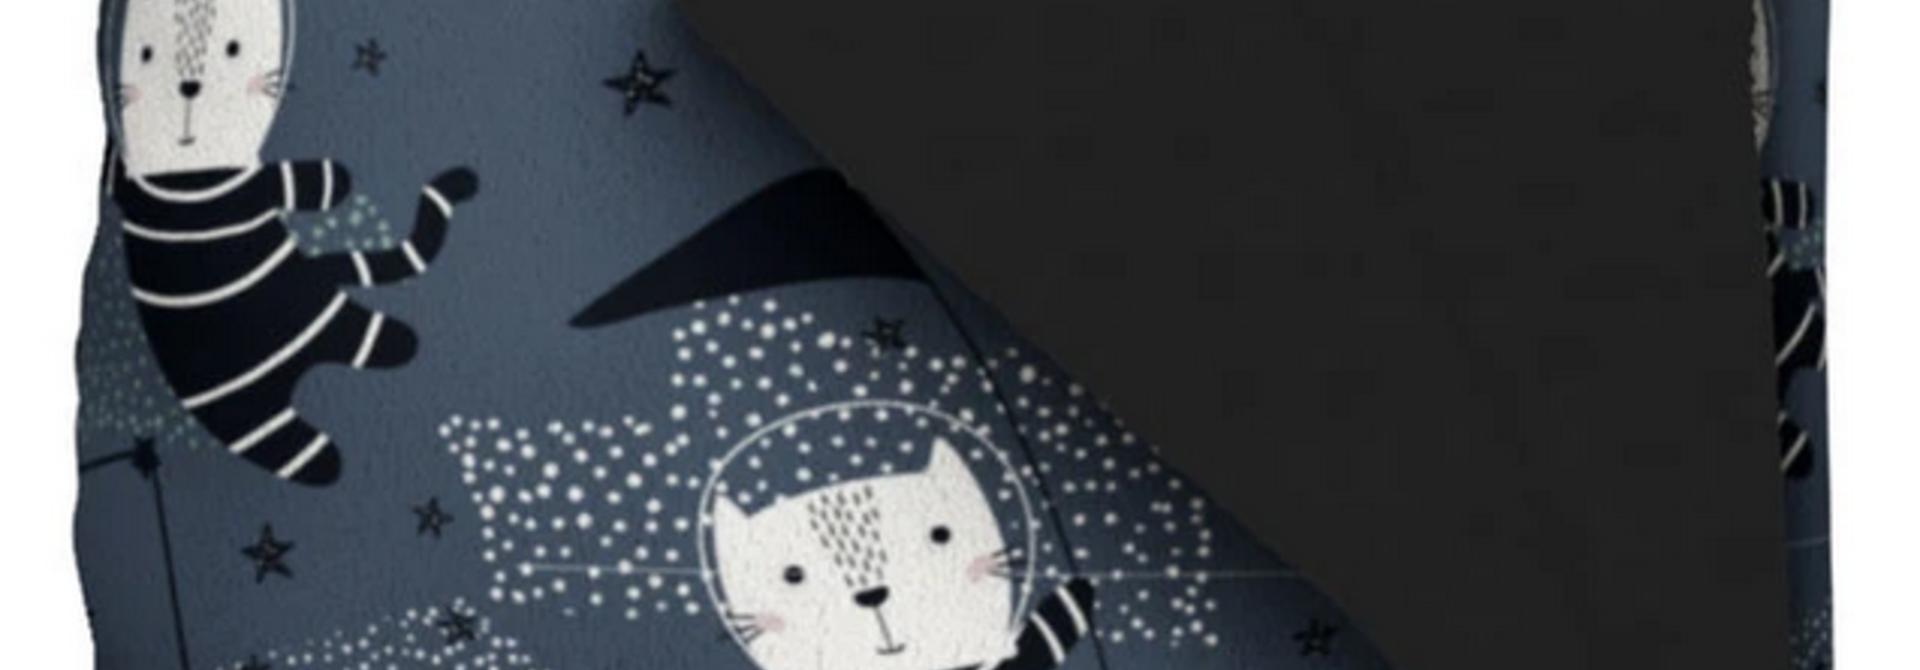 Doudou de Minky - Chasse aux étoiles